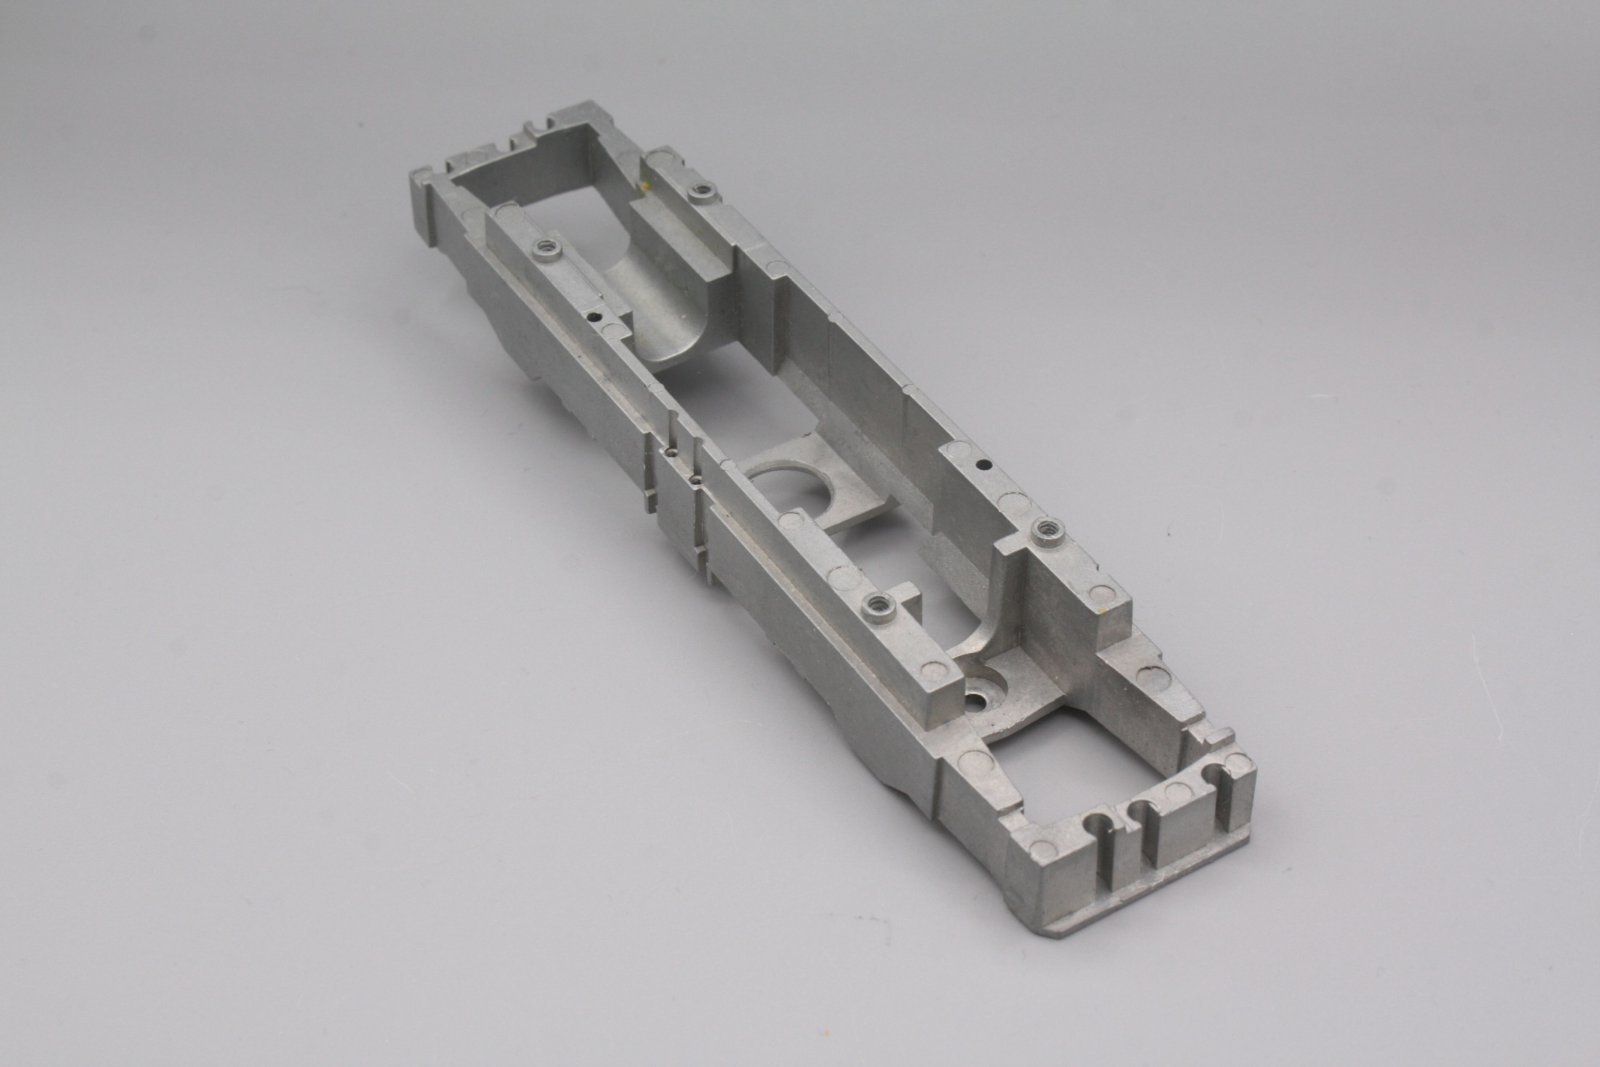 Ersatzteil Roco 110 / 140 Lokrahmen - silber - geschl. Stirnfront  für AC-Modell